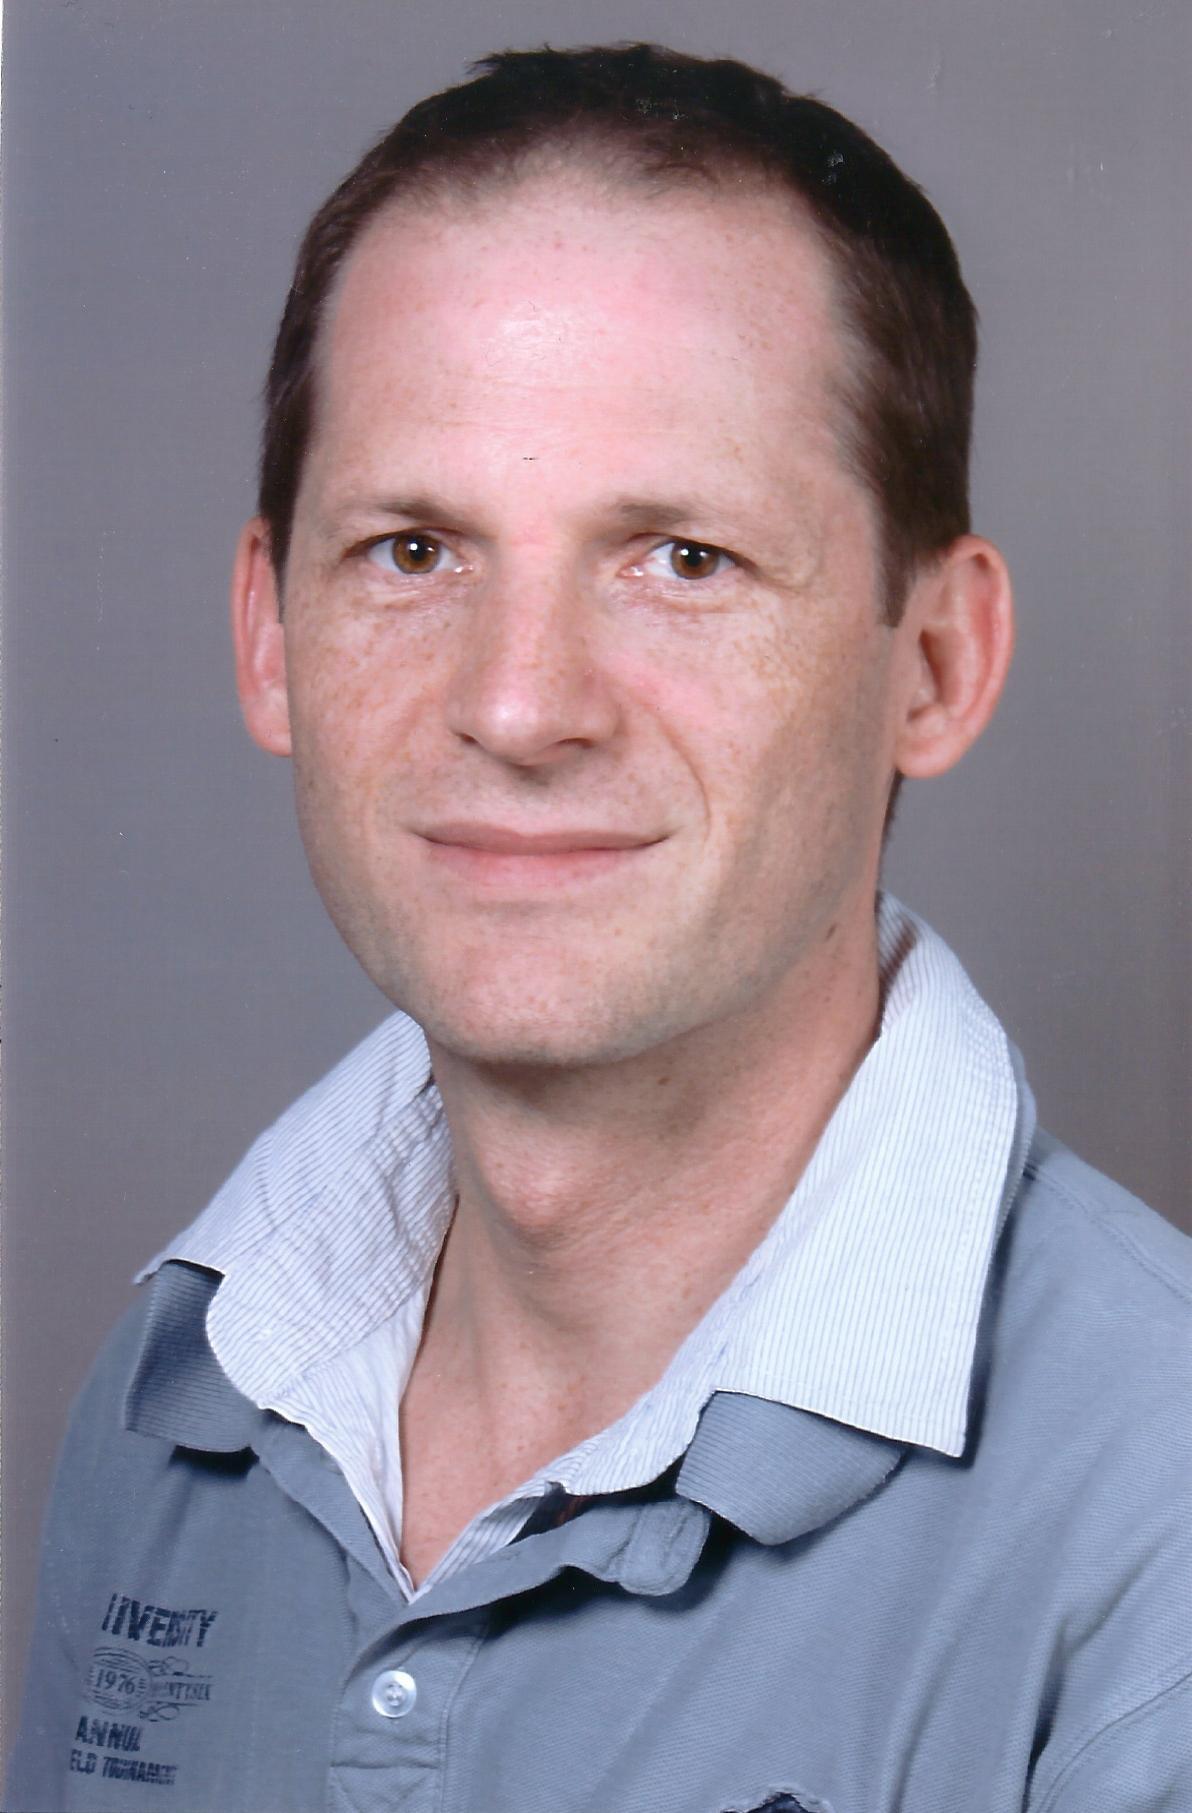 Stefan Czeike